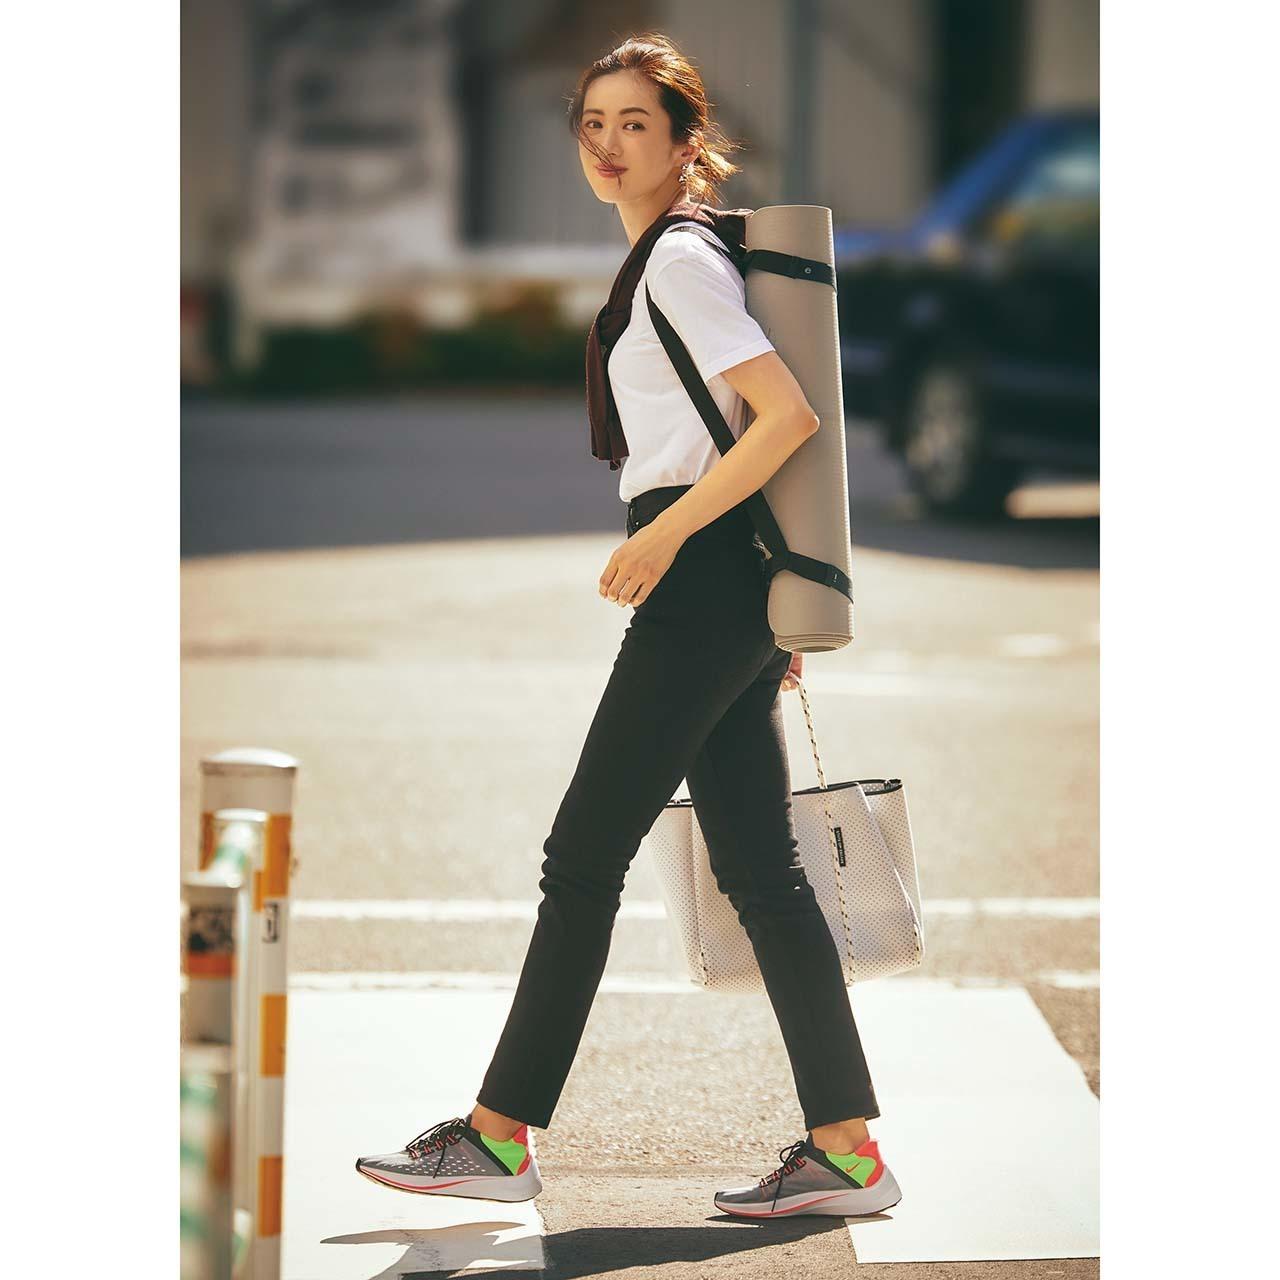 ハイテクスニーカー×Tシャツ&黒パンツのファッションコーデ